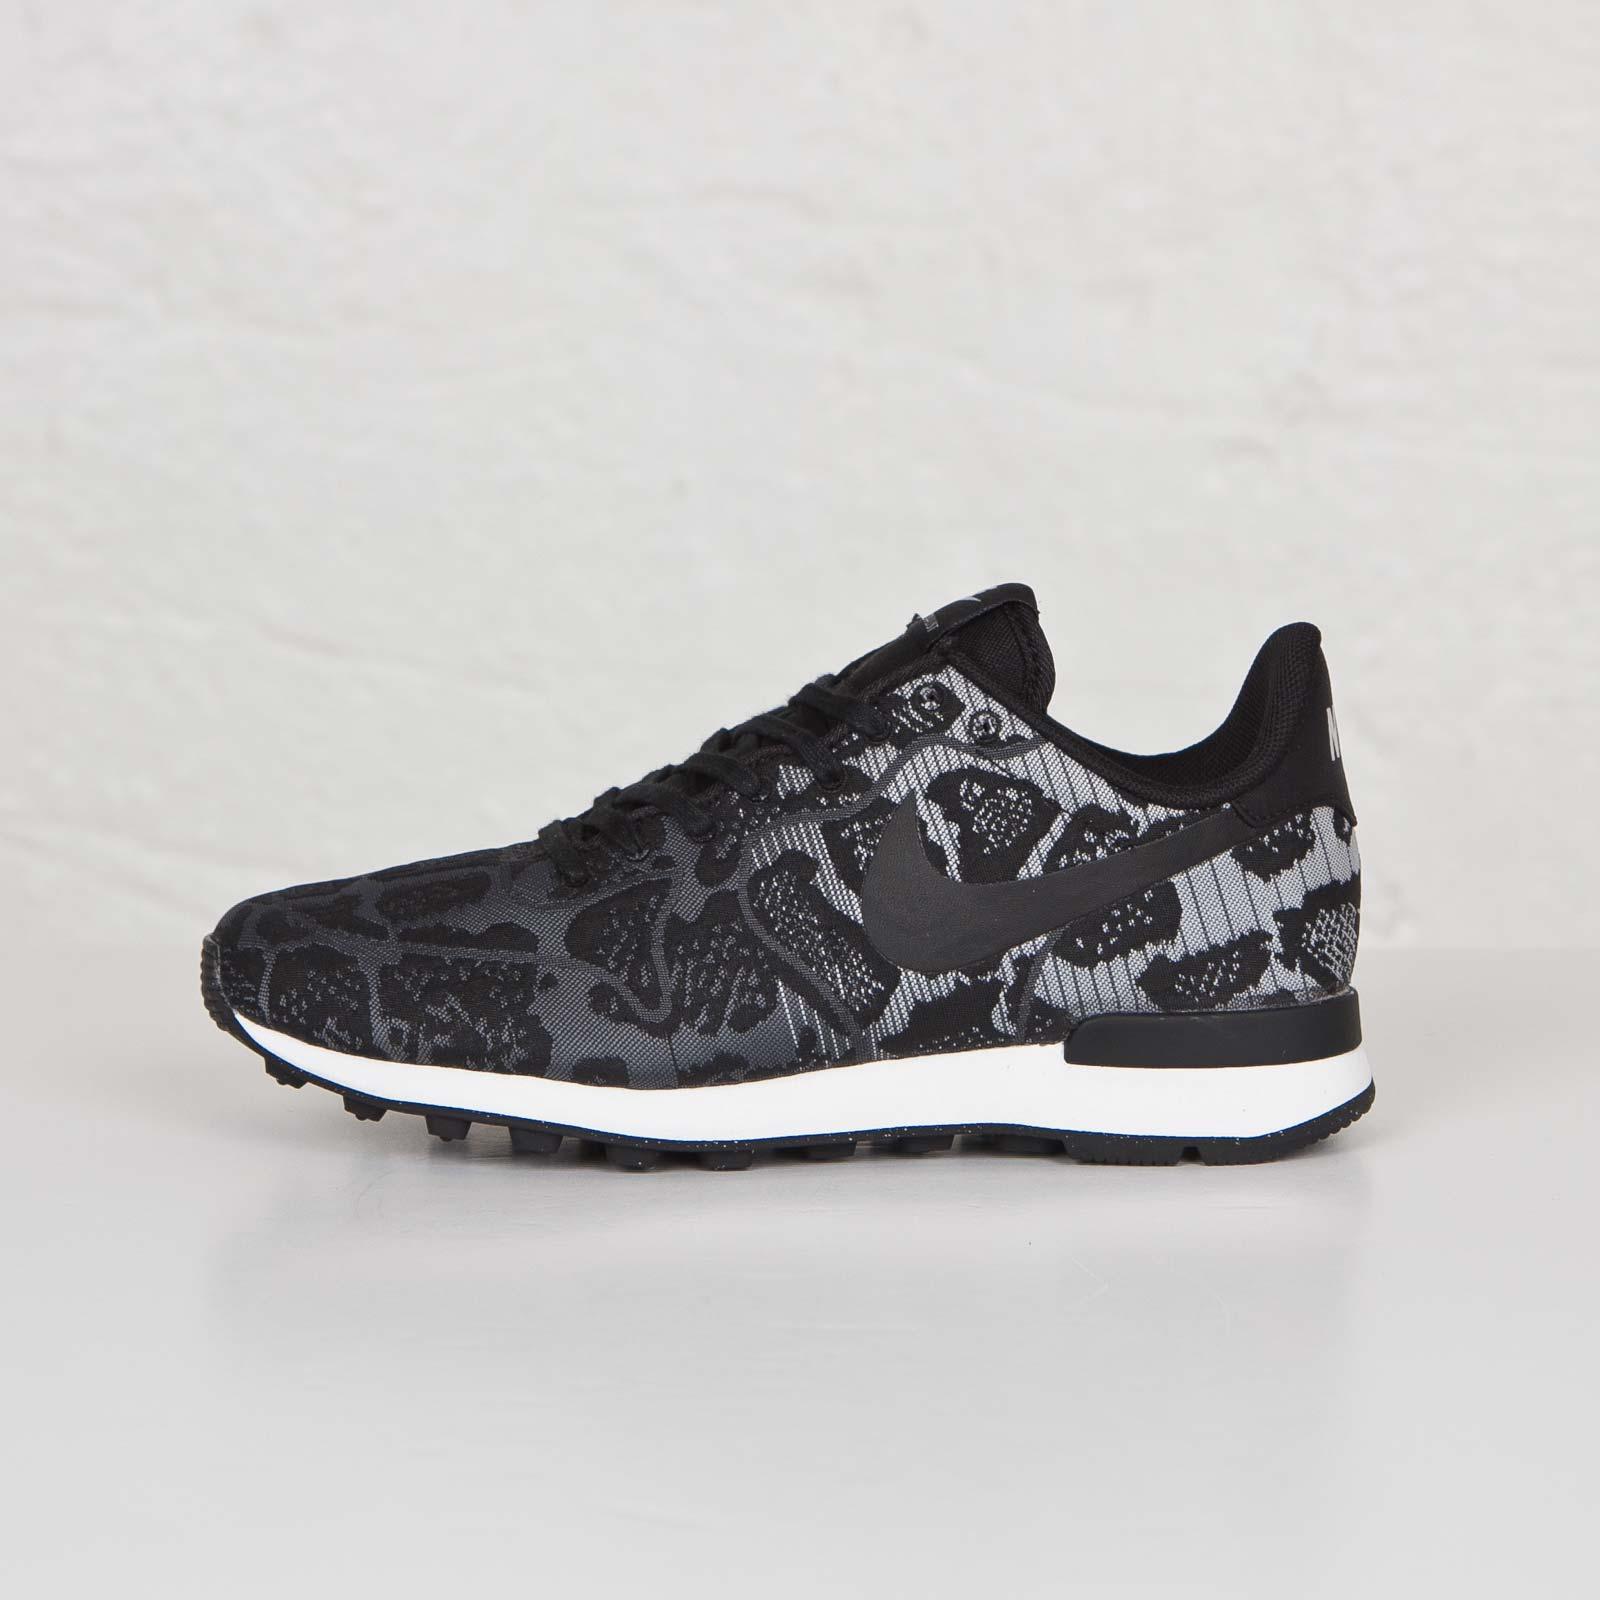 size 40 760c2 01efe Nike Wmns Internationalist JCRD - 705215-002 - Sneakersnstuff ...